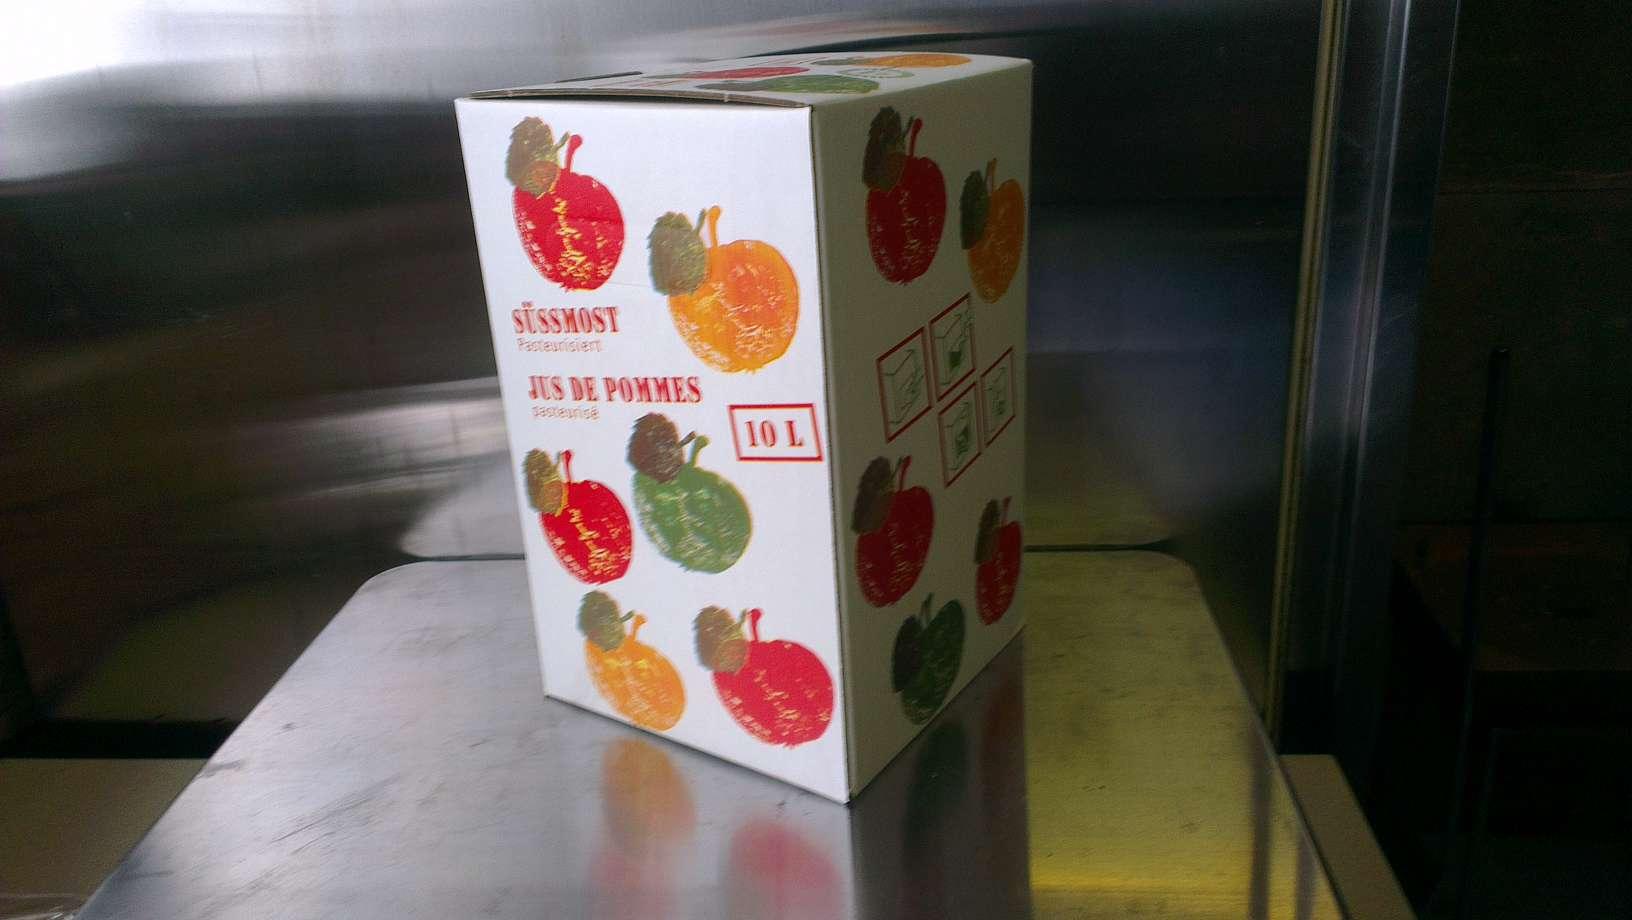 Süssmost 10 Liter Box